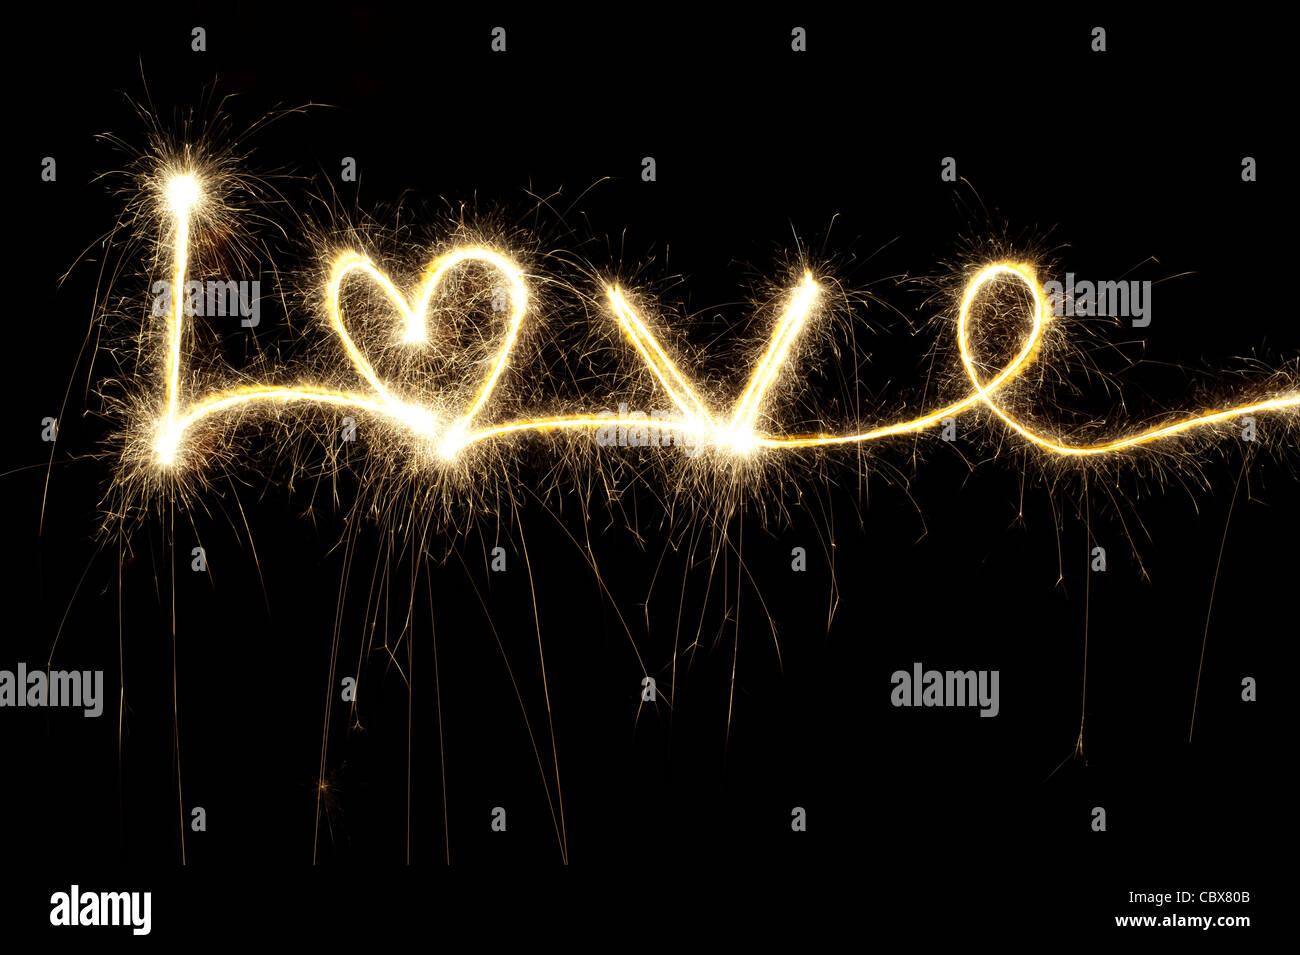 Liebe, geschrieben mit einer Wunderkerze in der Nacht einschließlich einer Herzform Stockbild